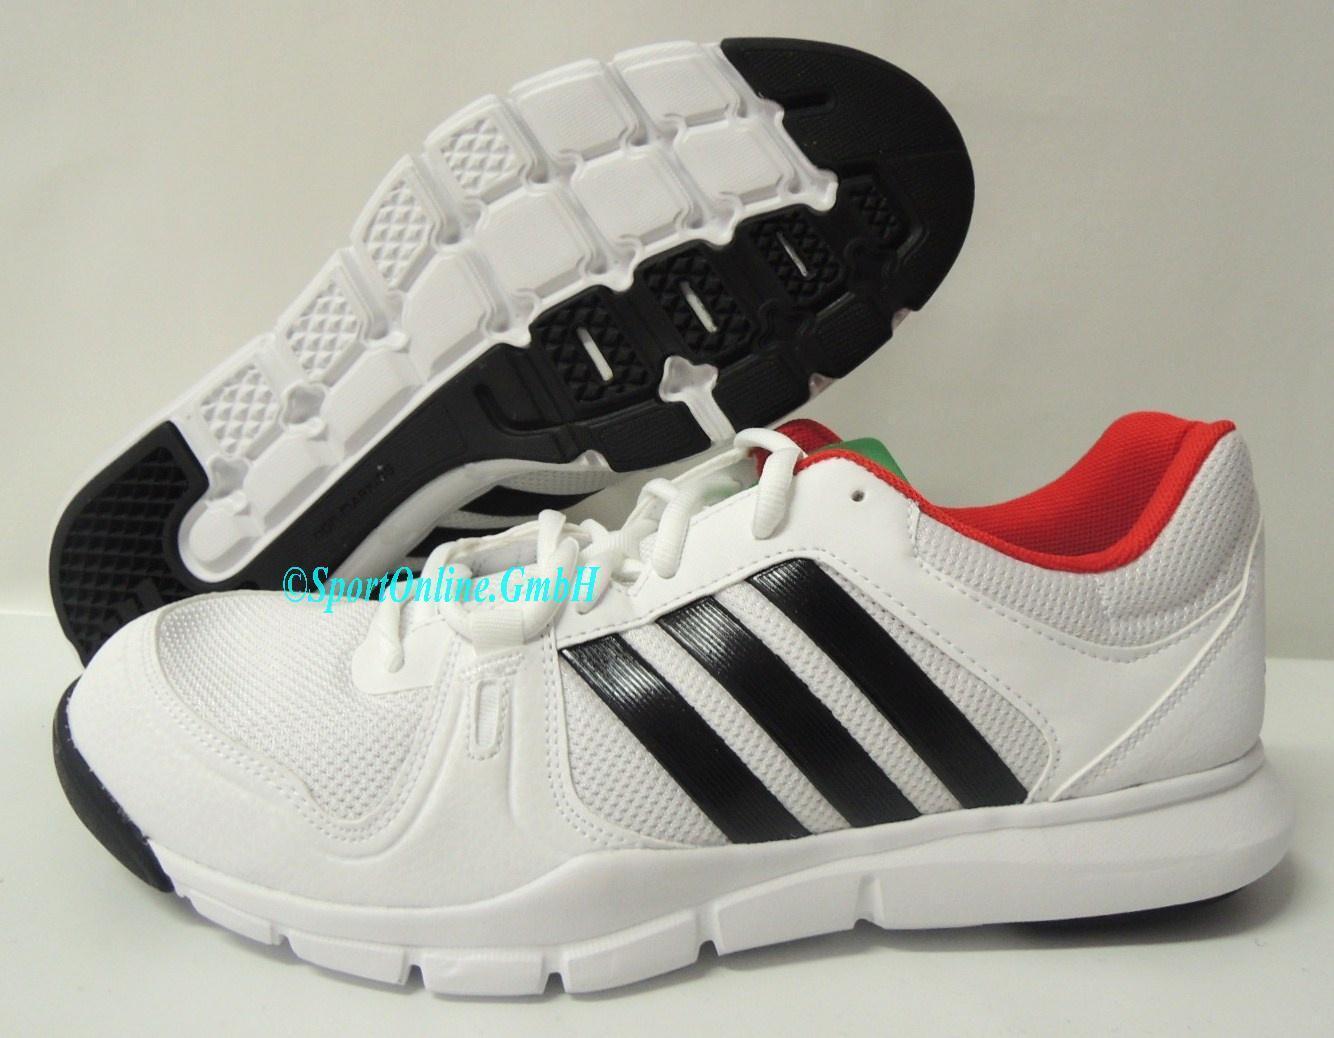 NEU adidas a.t. 120 Trainer Gr. 41 1/3 Sneaker Schuhe Fitness Training G95230